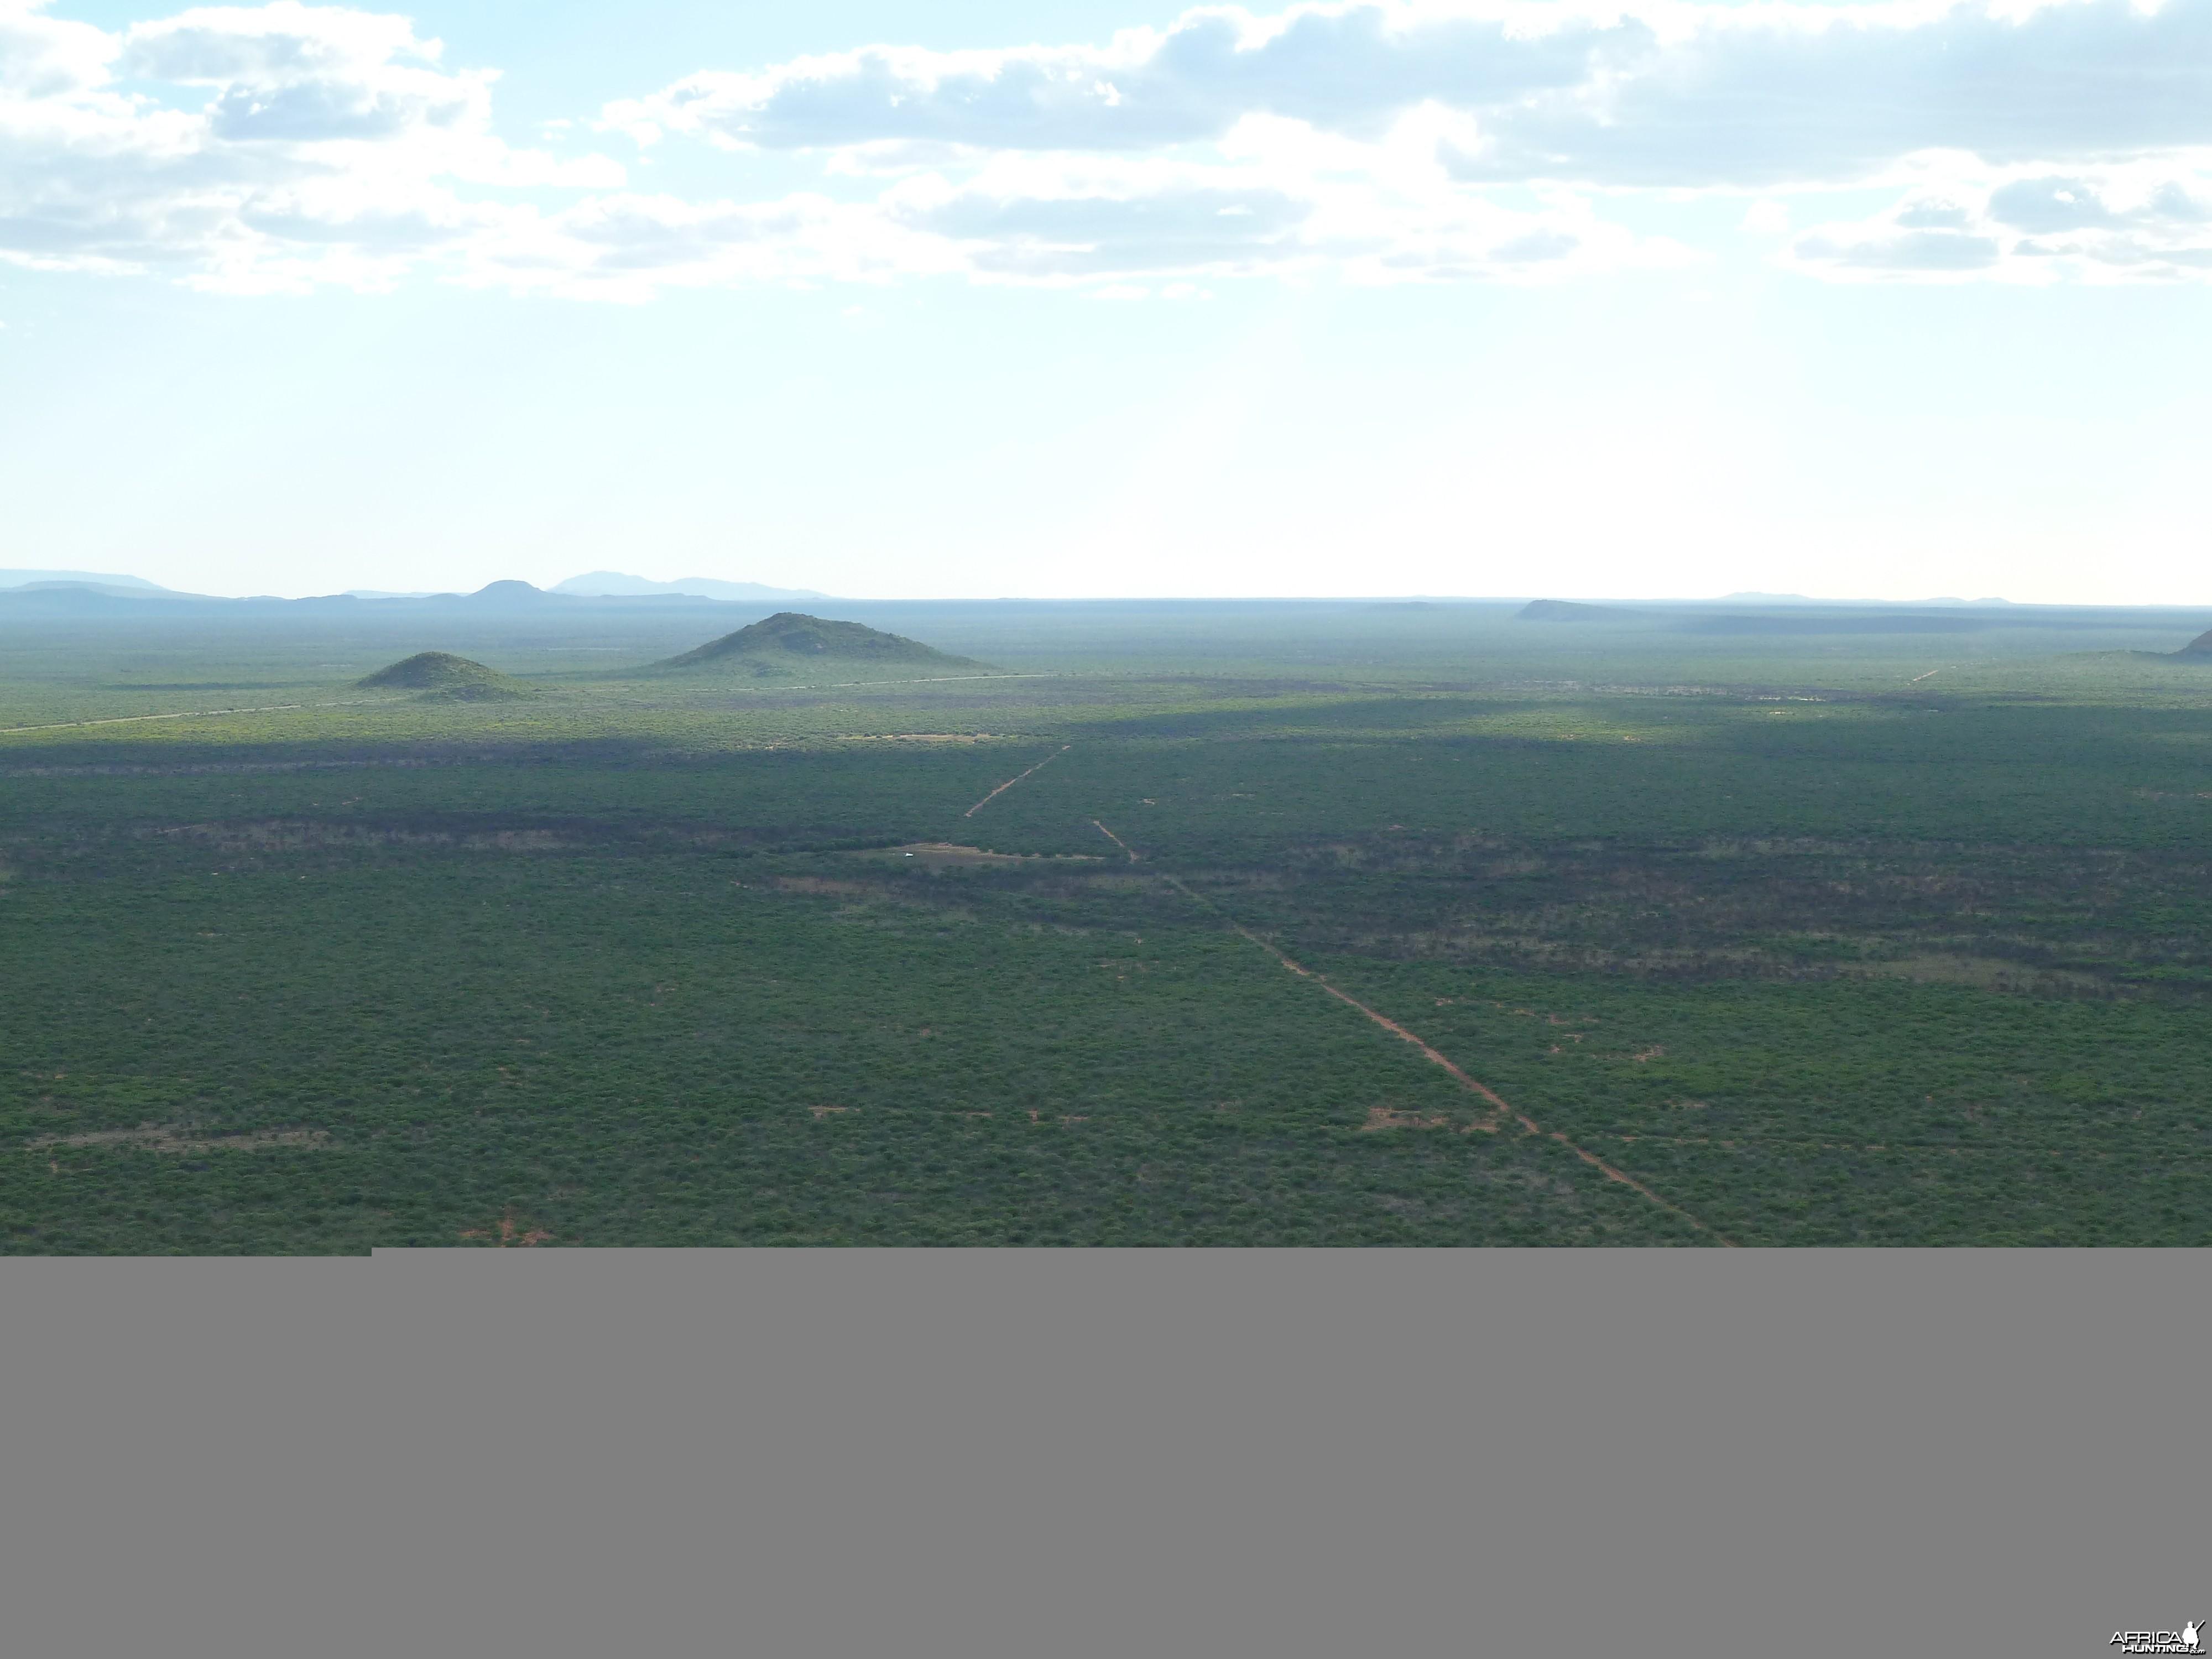 Hunting Ozondjahe in Namibia